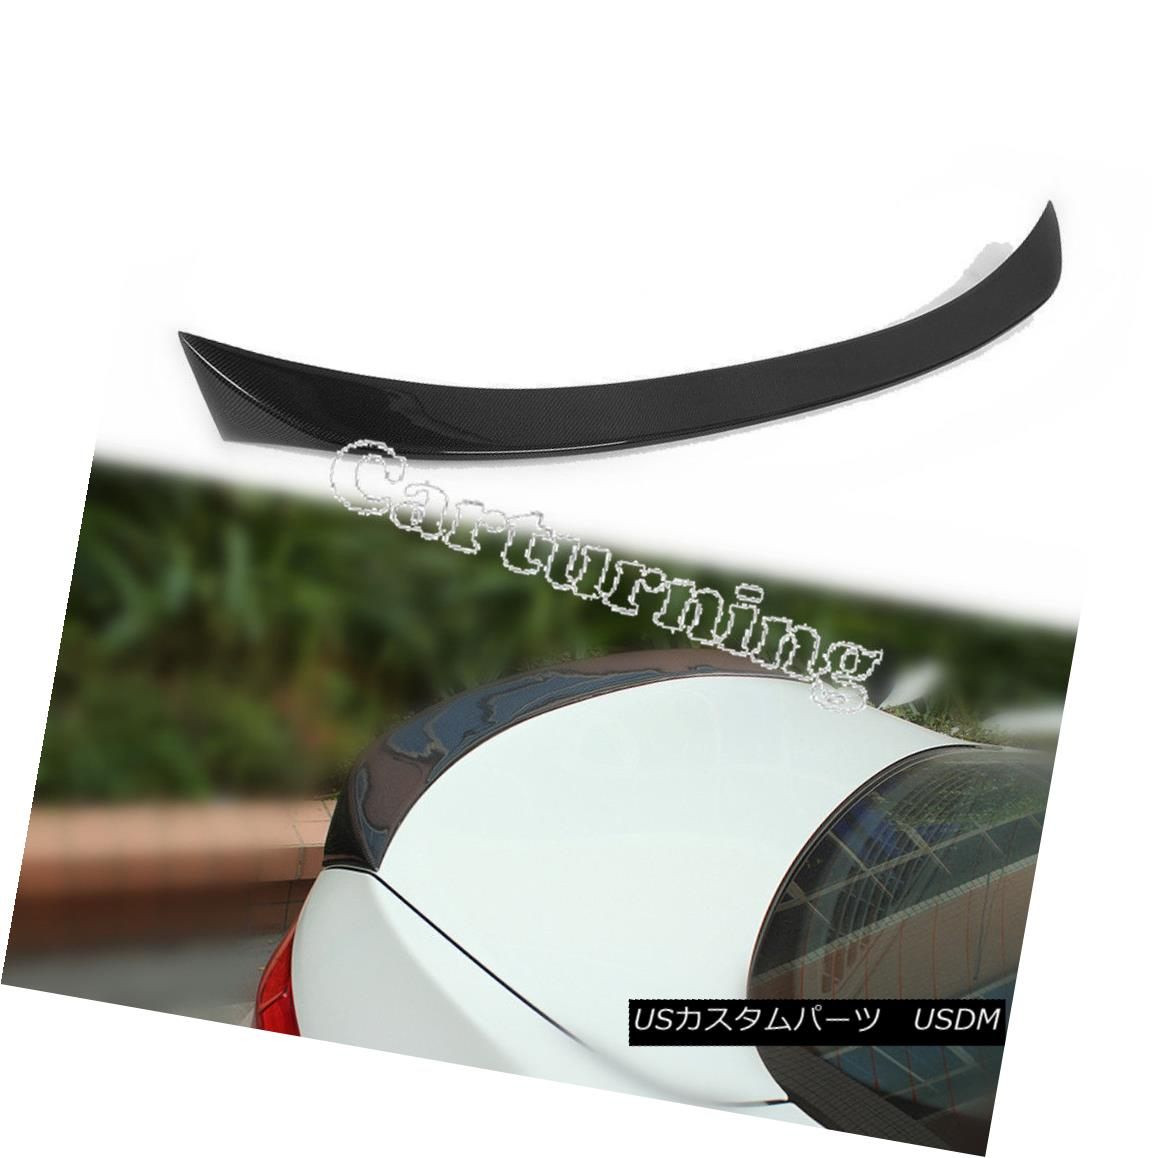 エアロパーツ Auto Carbon Fiber Rear Trunk Spoiler Lip Wing Fit for BMW F10 550i M5 2010-2014 BMW F10 550i M5 2010-2014用オートカーボンファイバーリアトランクスポイラーリップウイング